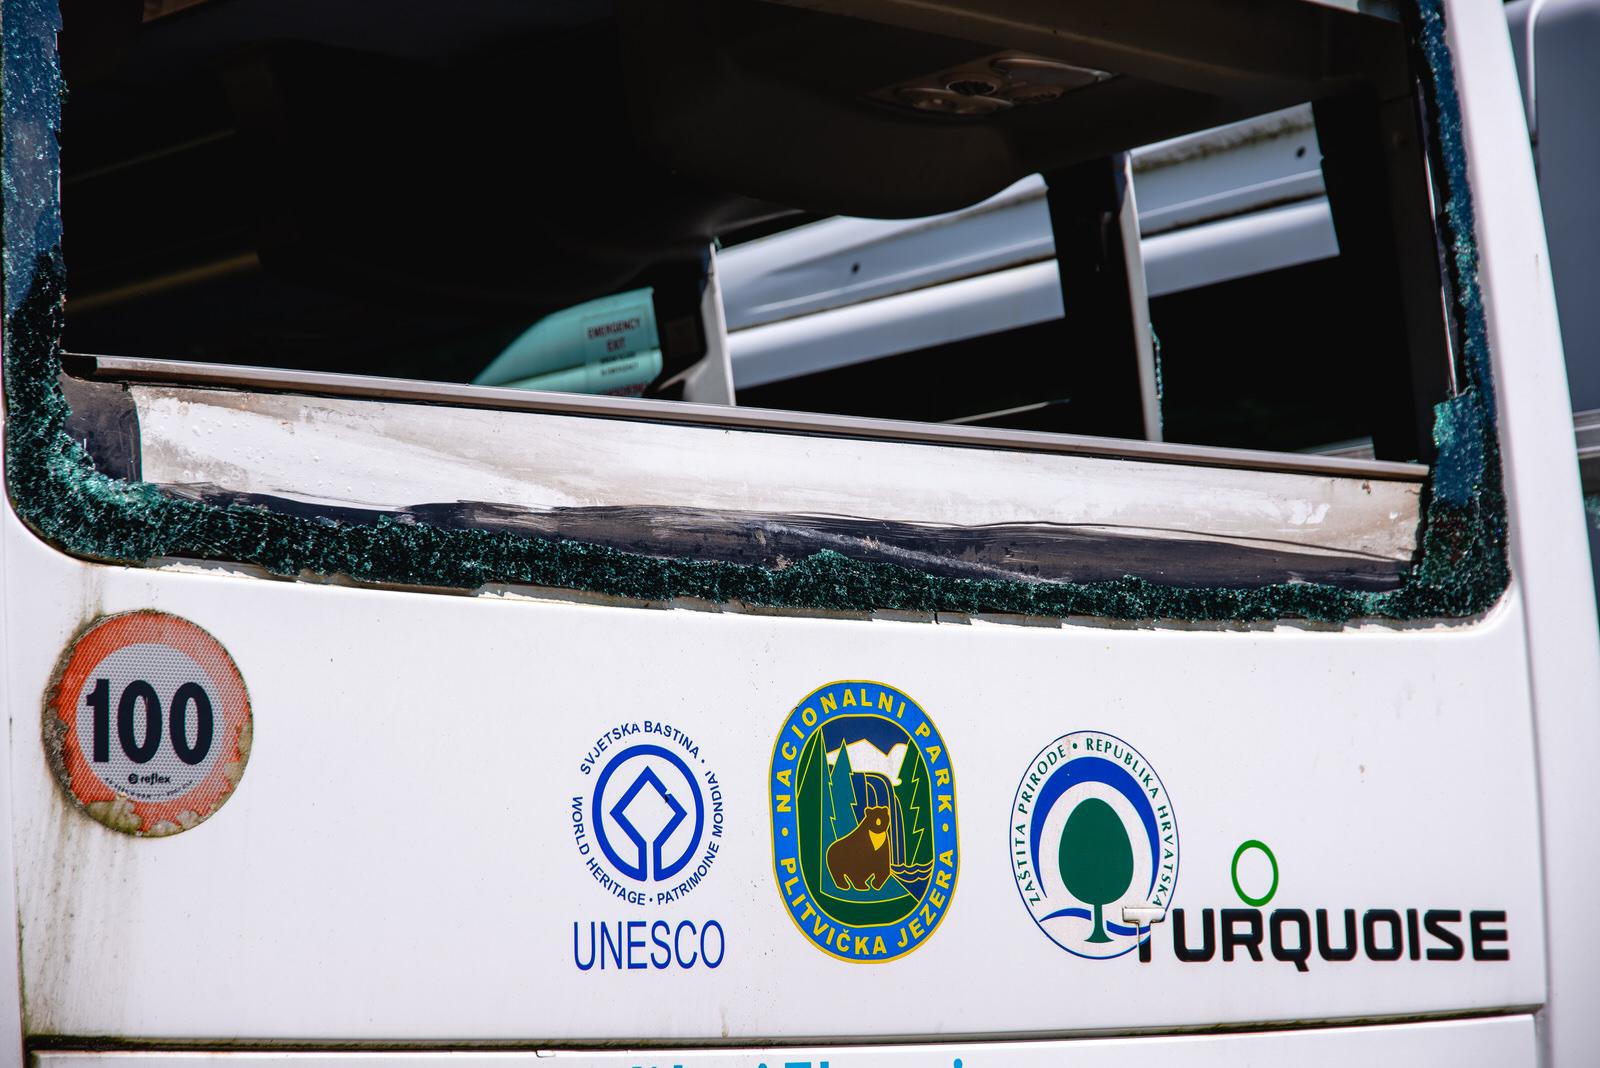 likaclub_autobusi plitvička jezera u mukinjama_11_8_2020 (2)